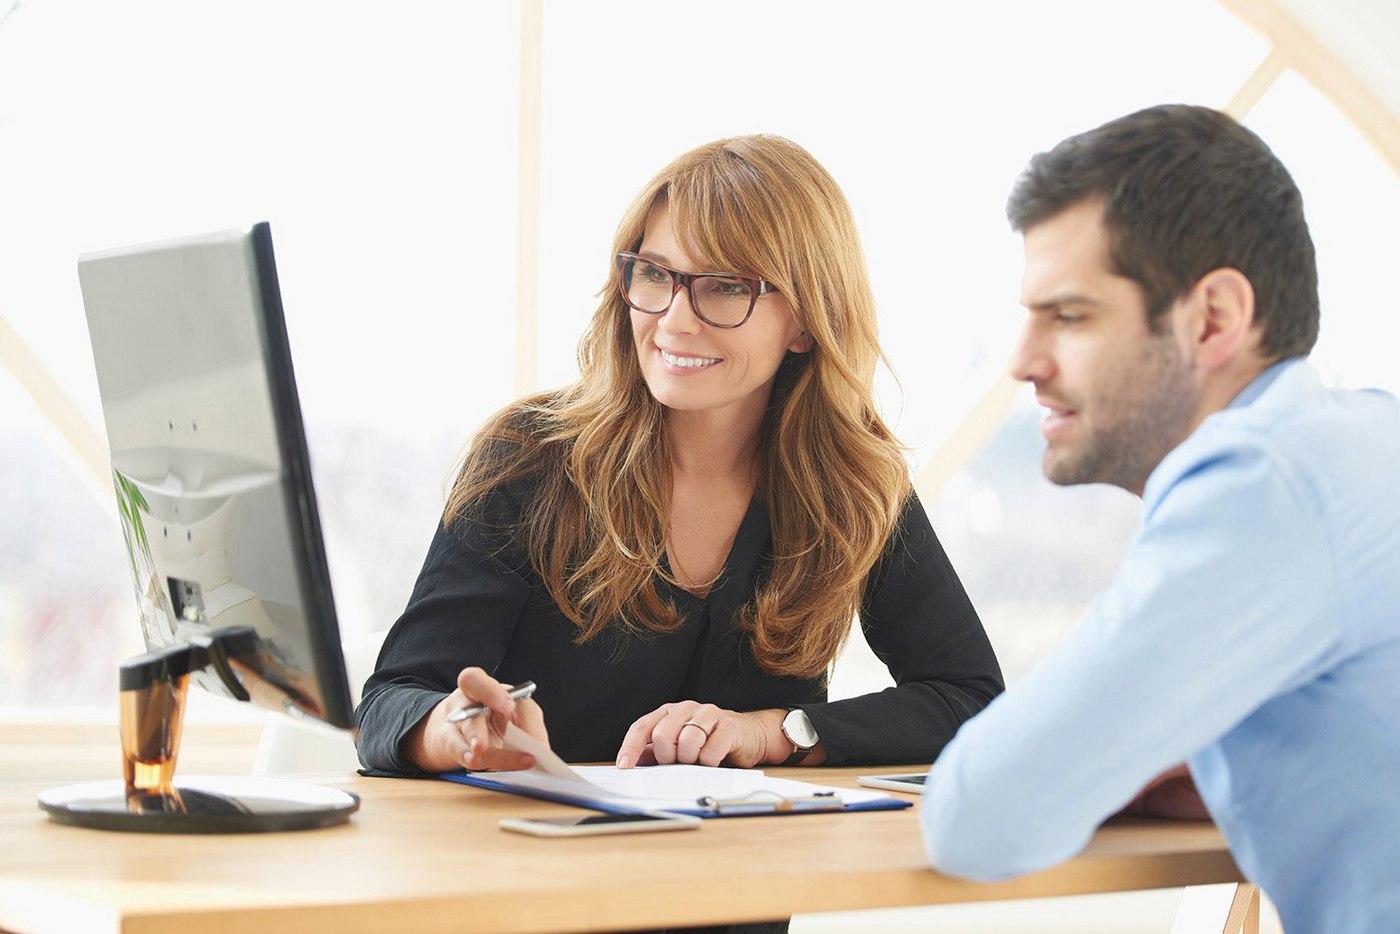 businesswoman-sitting-at-desk